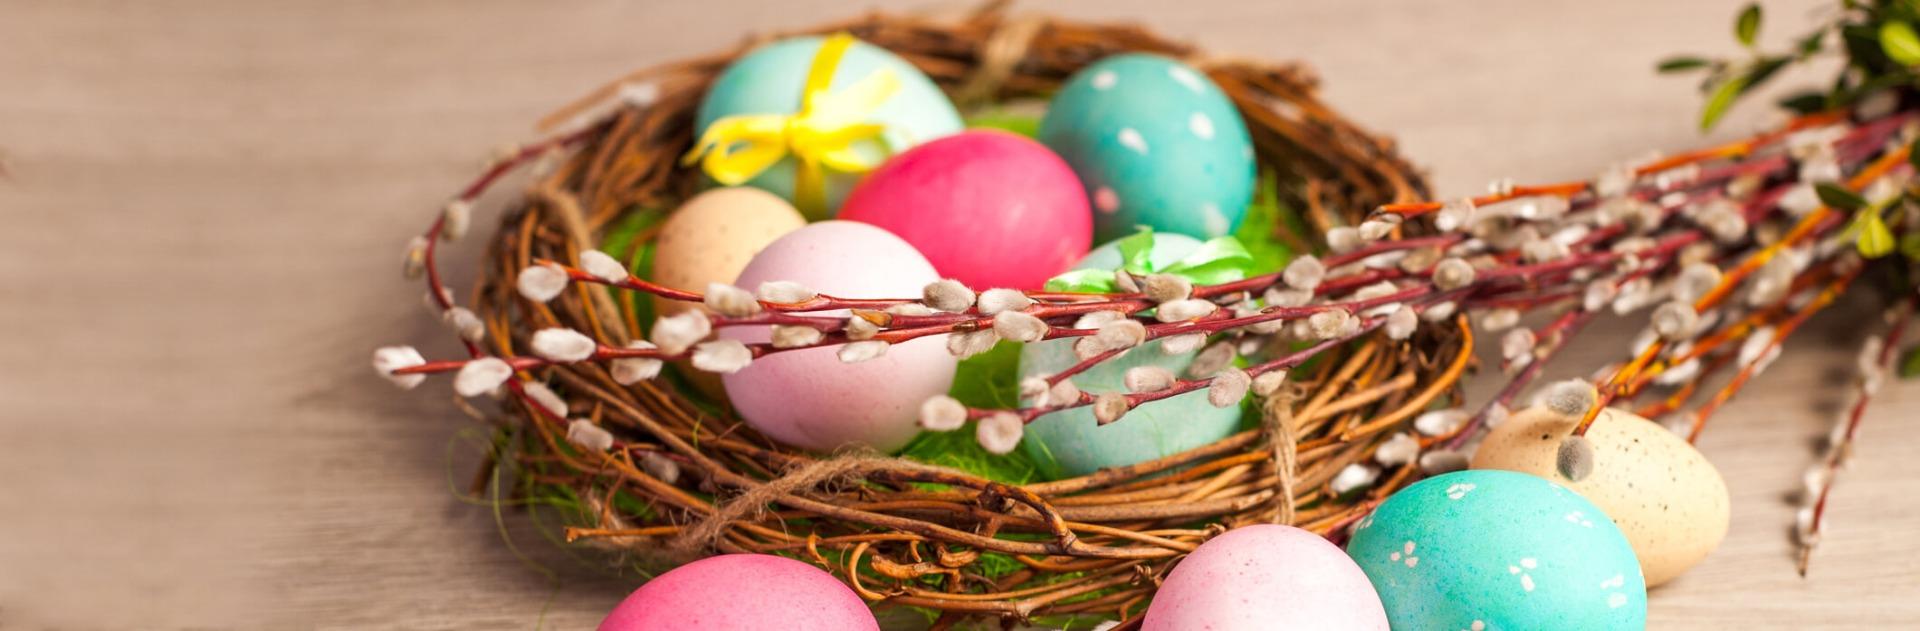 Easter Gift Baskets Thomaston